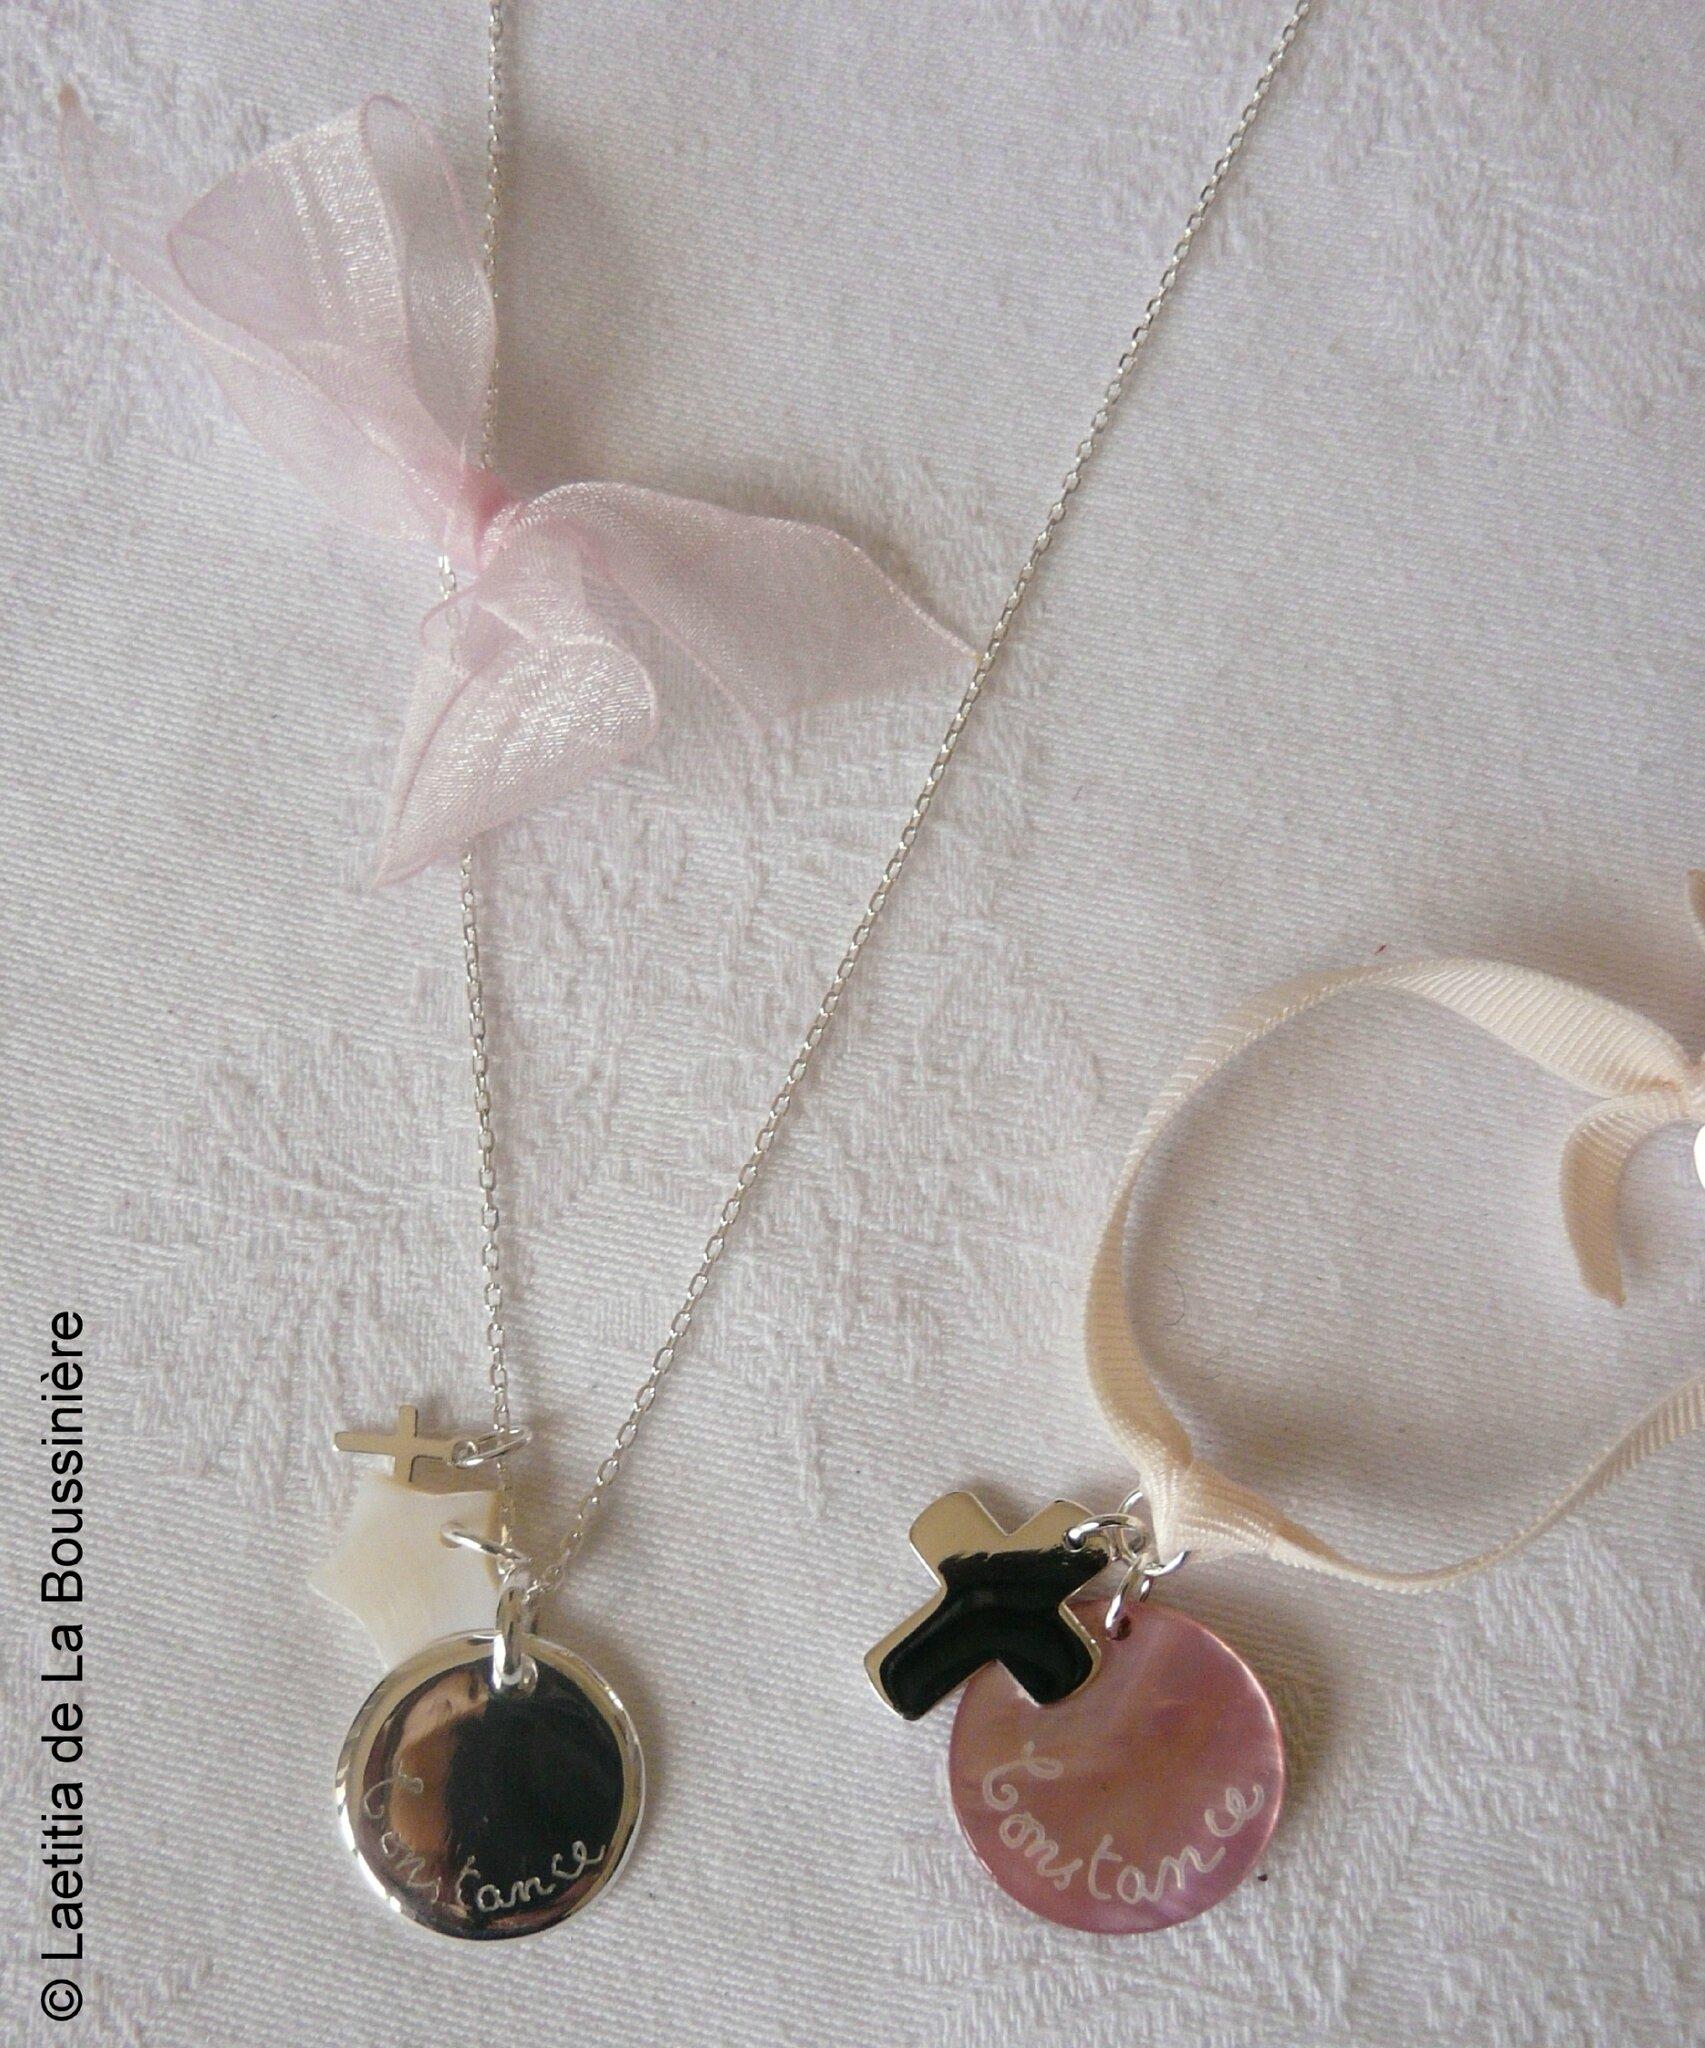 Ensemble collier médaille, étoile en nacre et mini Croix en argent et bracelet sur ruban élastique Croix 17 en argent massif et médaille en nacre